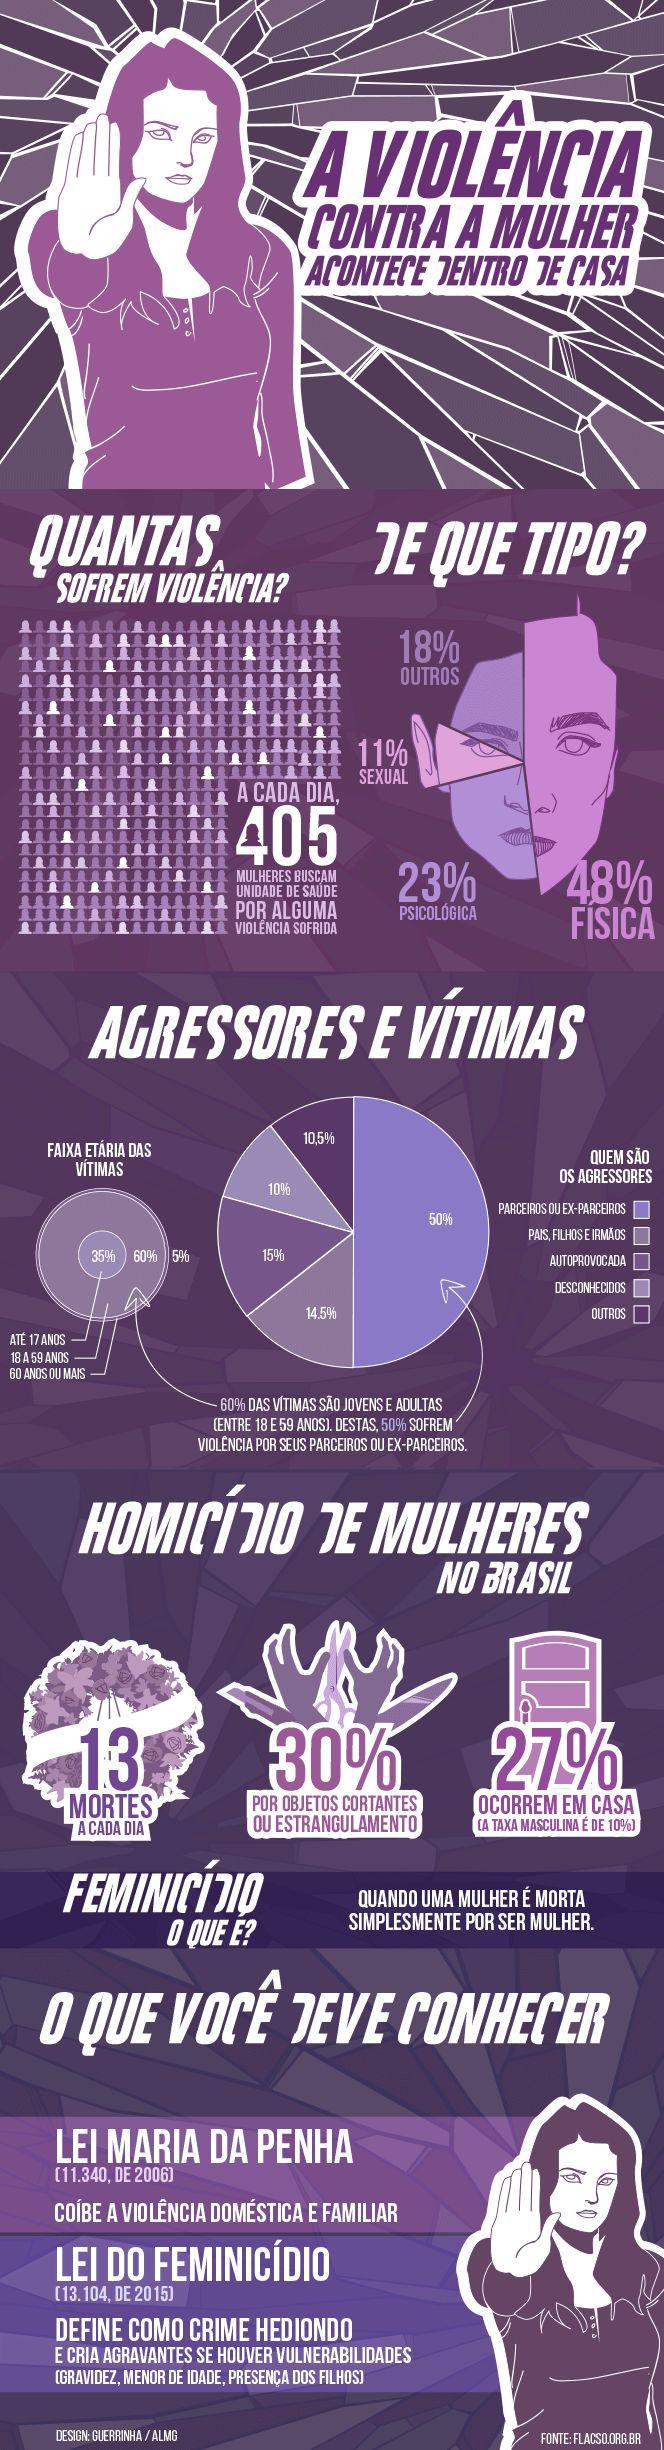 Mulheres contra a violência - Assembleia de Minas